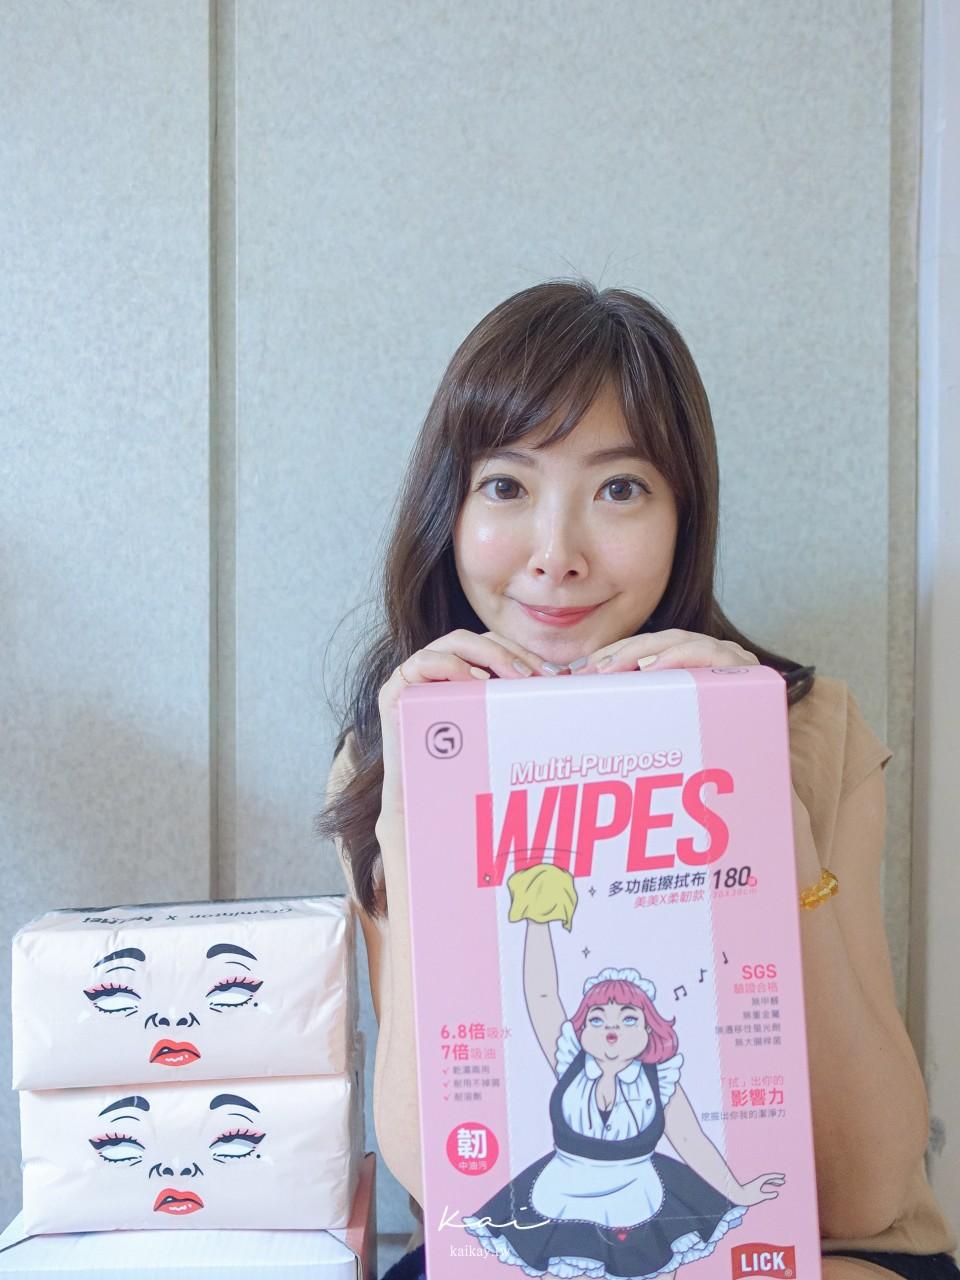 ☆【生活】GShop美美聯名款多功能擦拭紙。用一個華麗的白眼,擦去生活所有髒東西